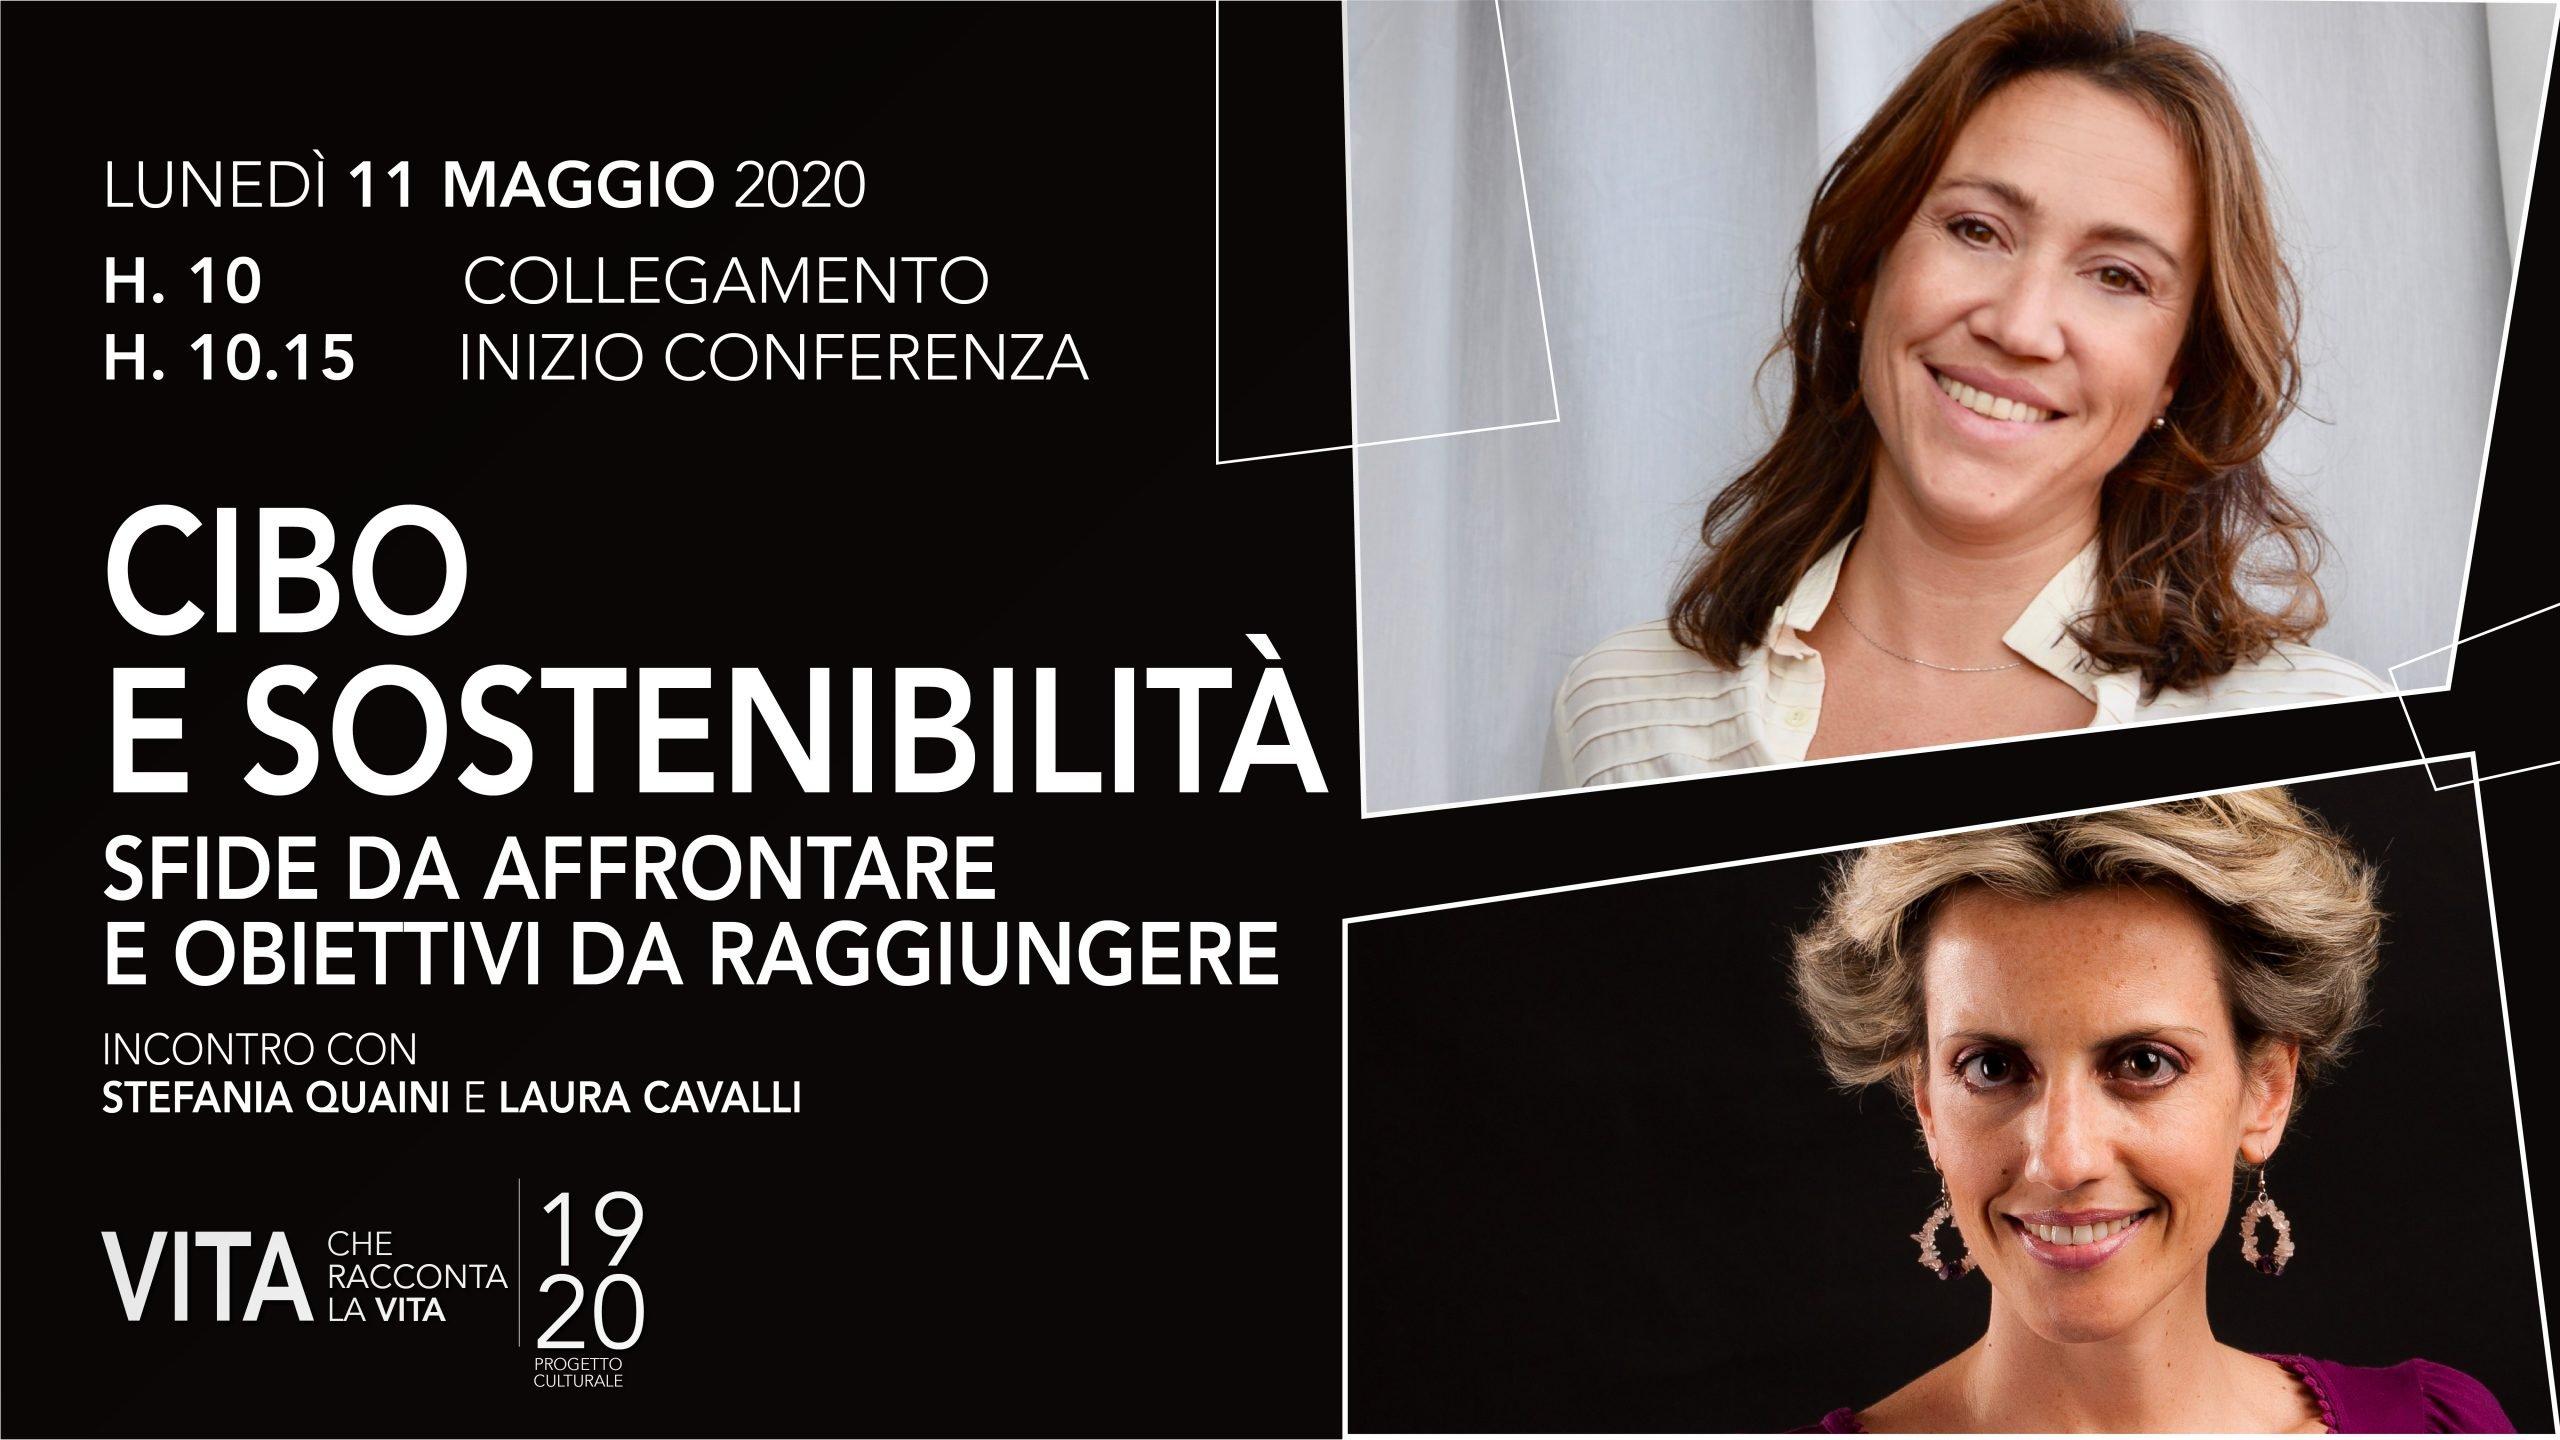 Laura Cavalli, Stefania Quaini - Agenda 2030